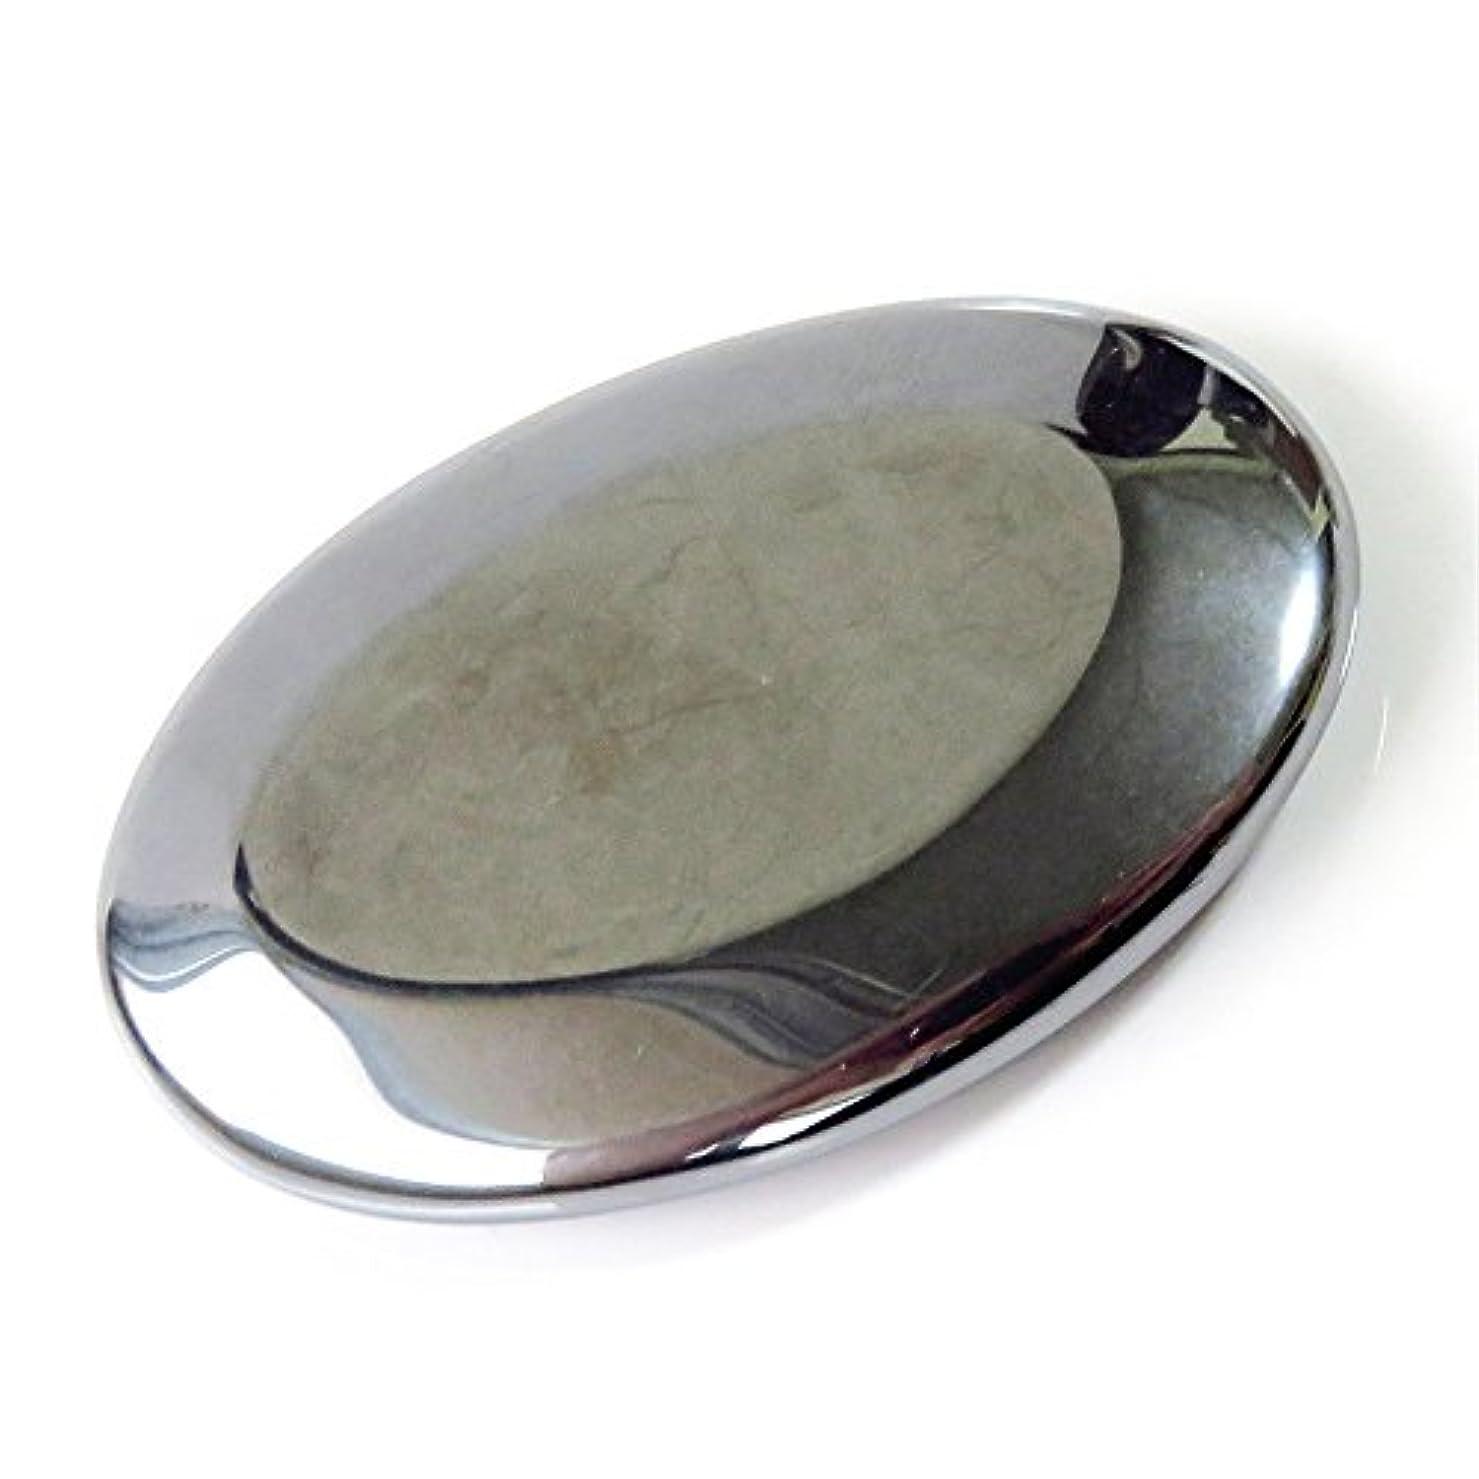 コンソール南方の効能あるエステ業界も注目 テラヘルツ鉱石かっさプレート 楕円型